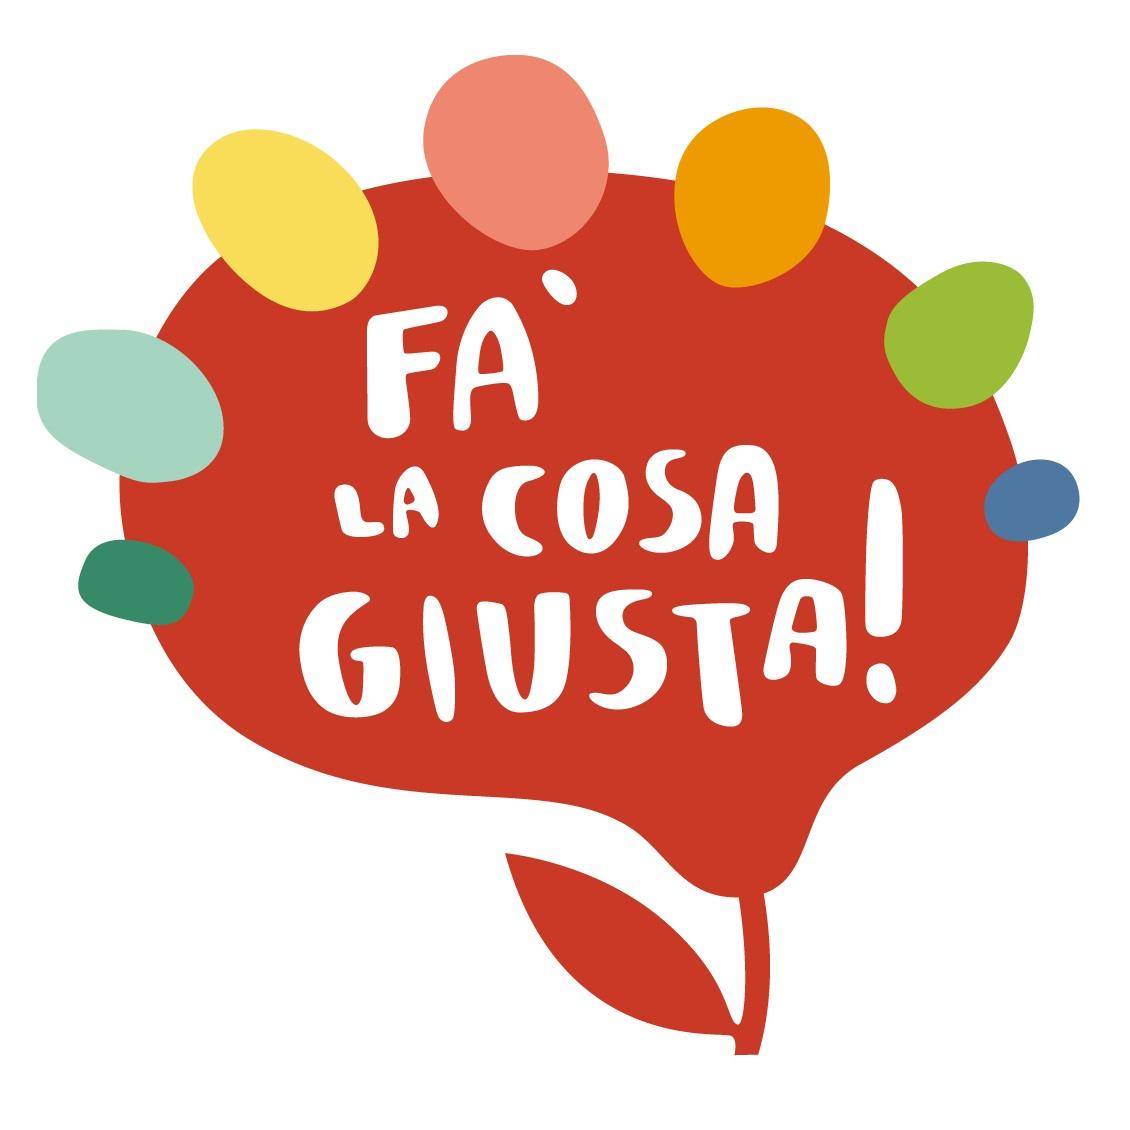 FA-LA-COSA-GIUSTA!